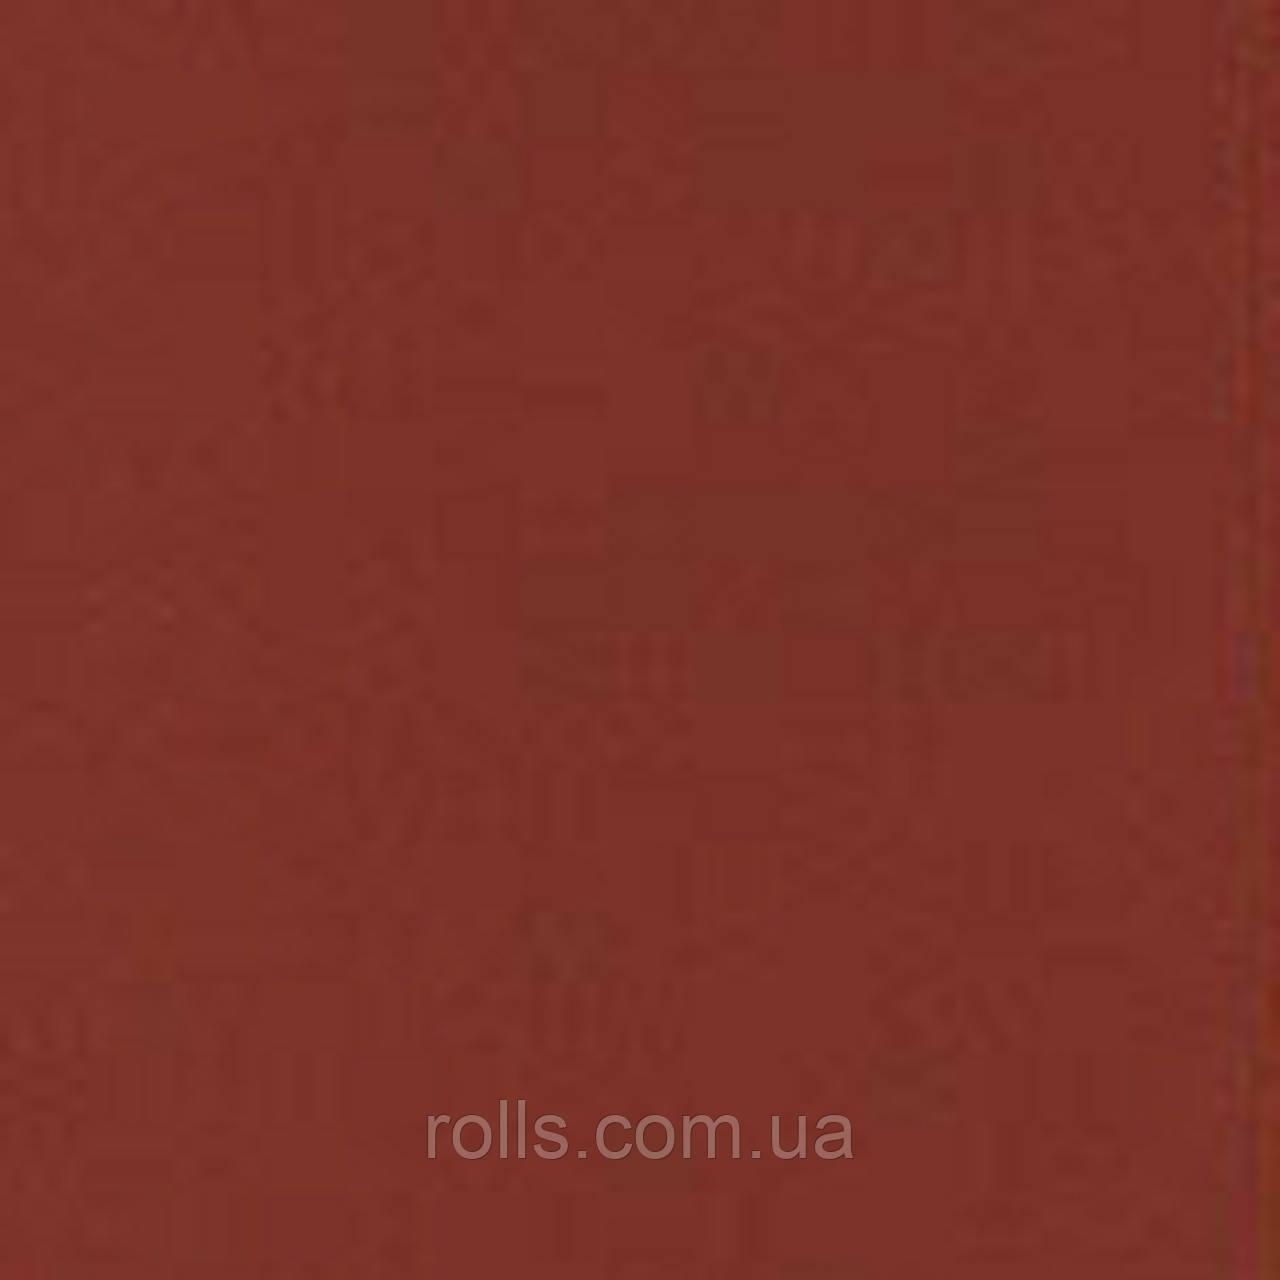 """Лист алюминиевый плоский PREFALZ Р.10 №05 OXYDROT """"КРАСНЫЙ ОКСИД"""" RAL3009 OXIDE RED 0,7х1000х2000мм"""